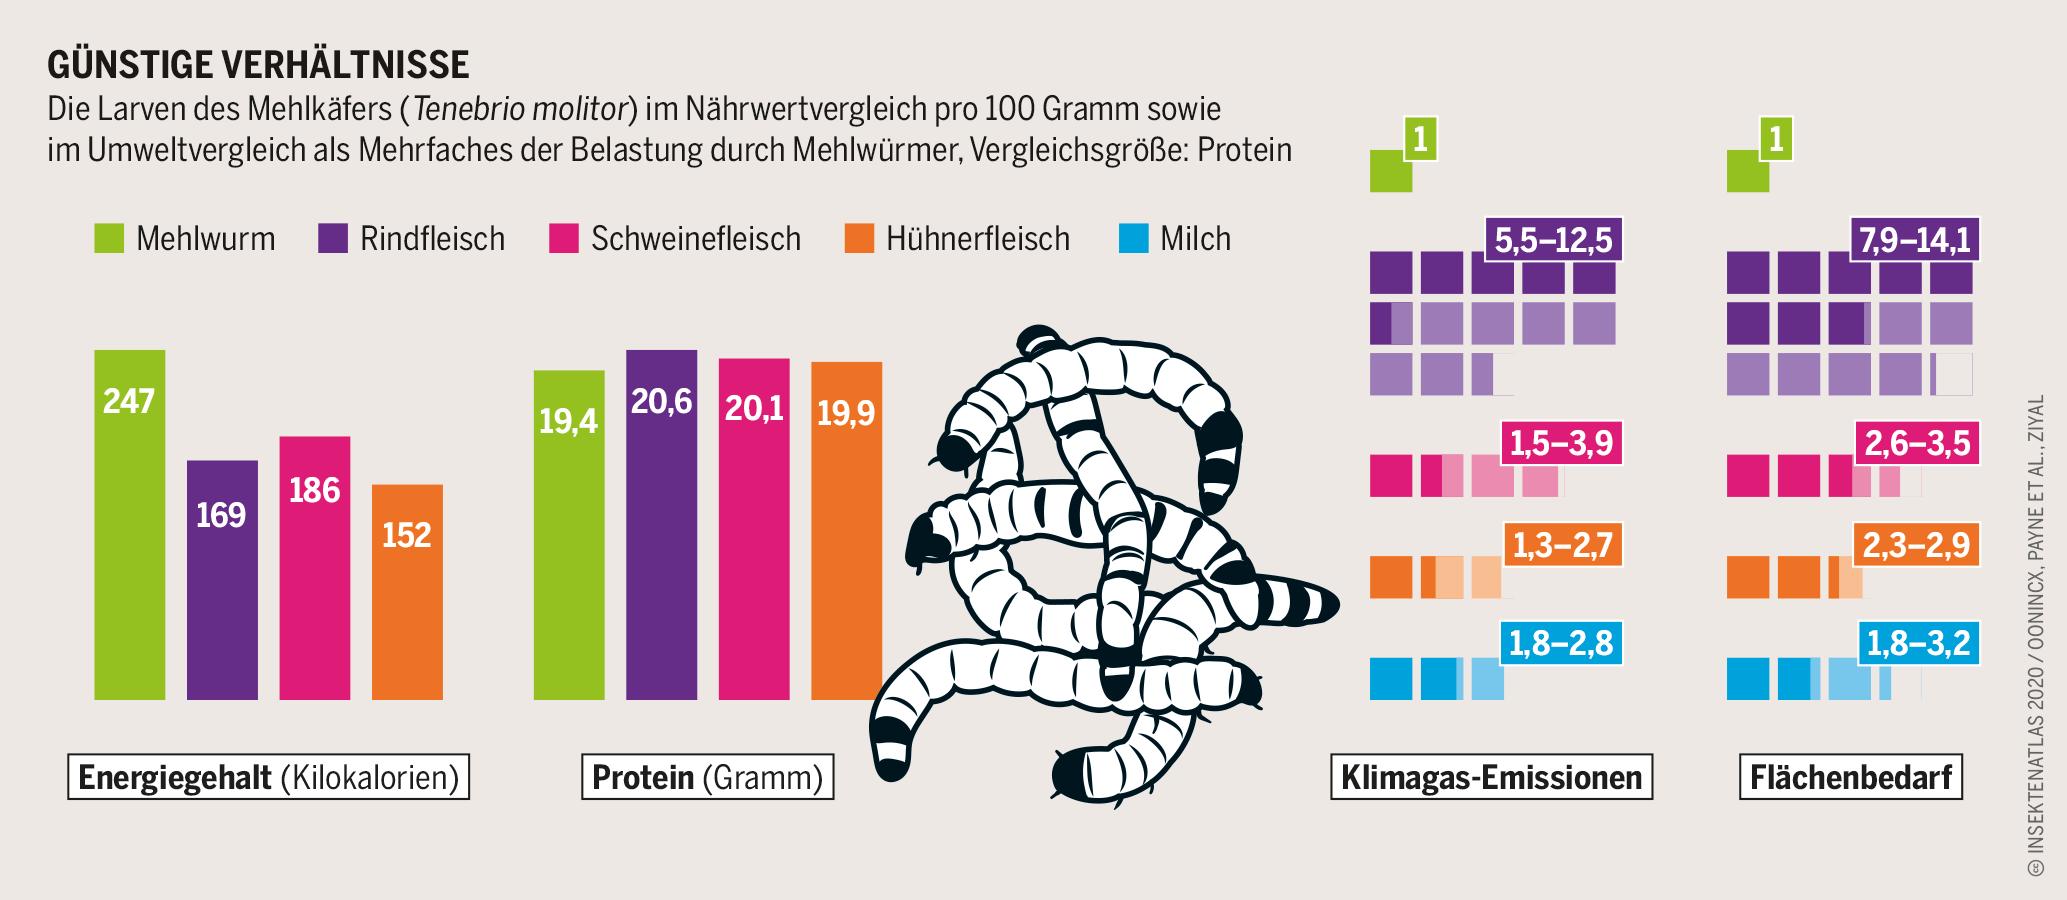 Quelle: Insektenatlas 2020 von BUND und Heinrich-Böll-Stiftung